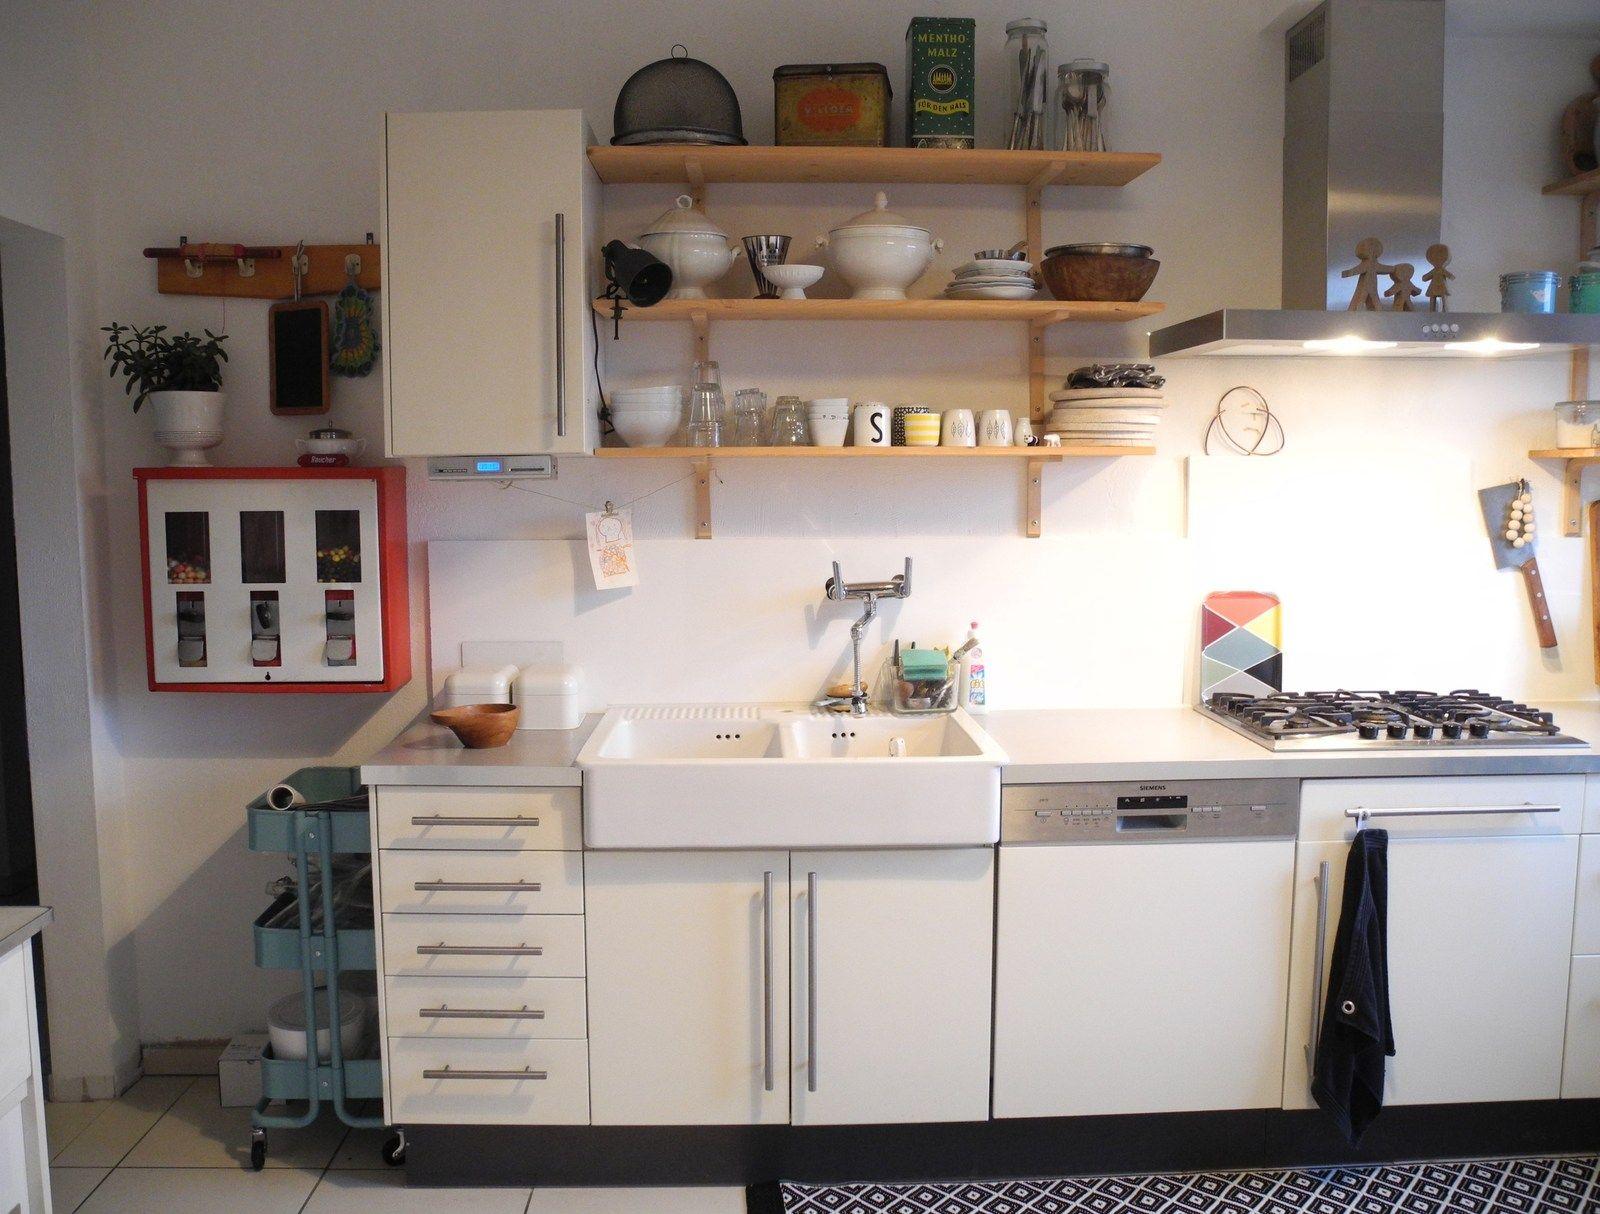 Full Size of Värde Küche 19 Ikea Vaerde Kchen Mbel Elegant Griffe Was Kostet Eine Gewinnen Einbauküche L Form Eiche Glaswand Küchen Regal Kleine Kaufen Tipps Wohnzimmer Värde Küche